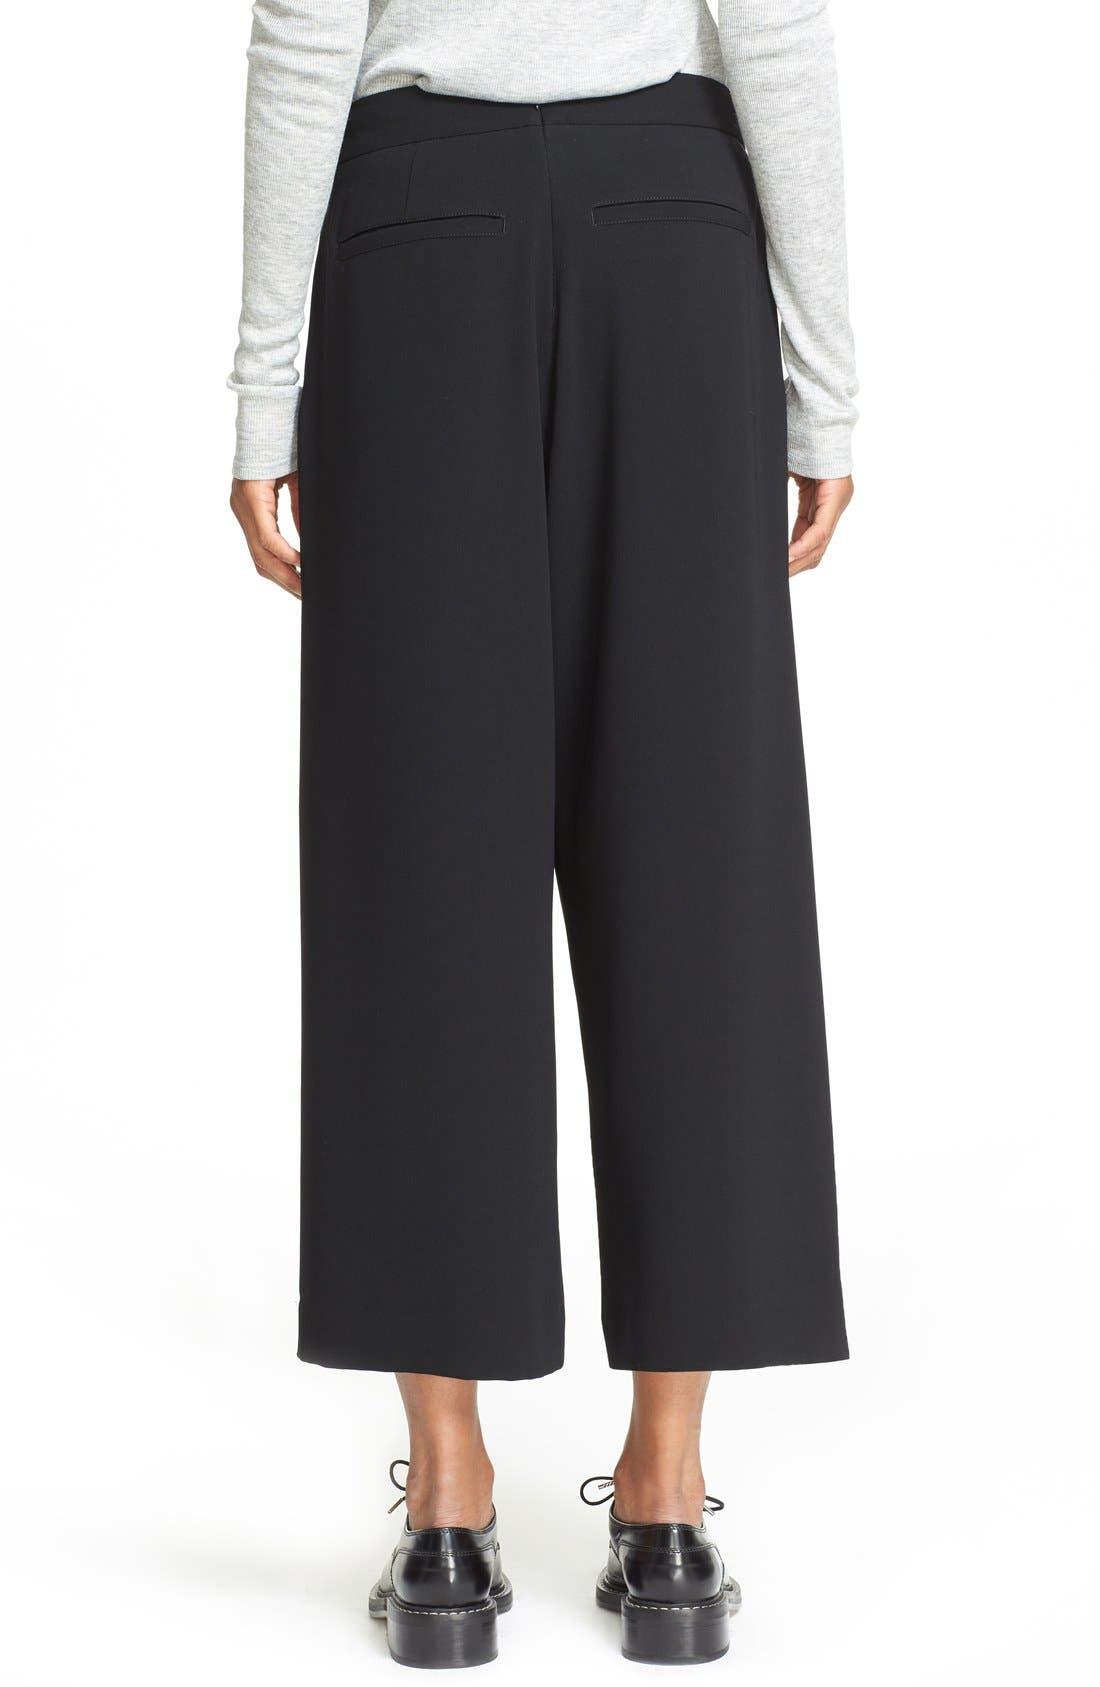 'Rowe' Pleat Crop Pants,                             Alternate thumbnail 4, color,                             001